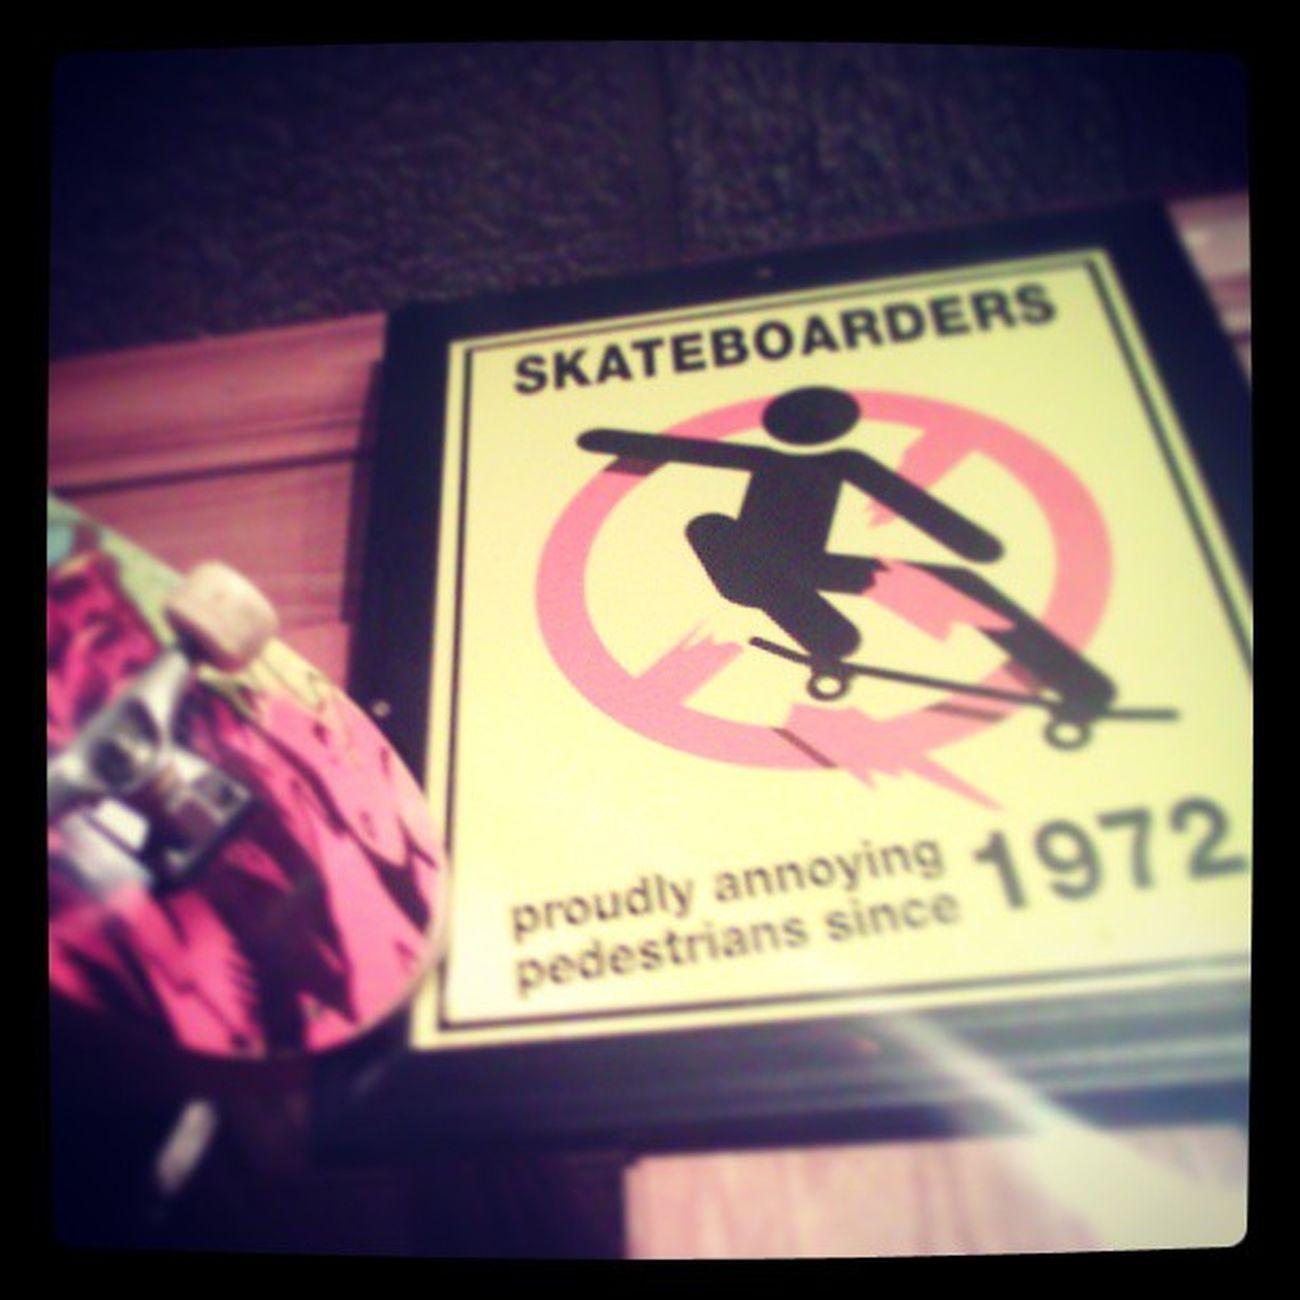 Skateboarding proudly anoying...